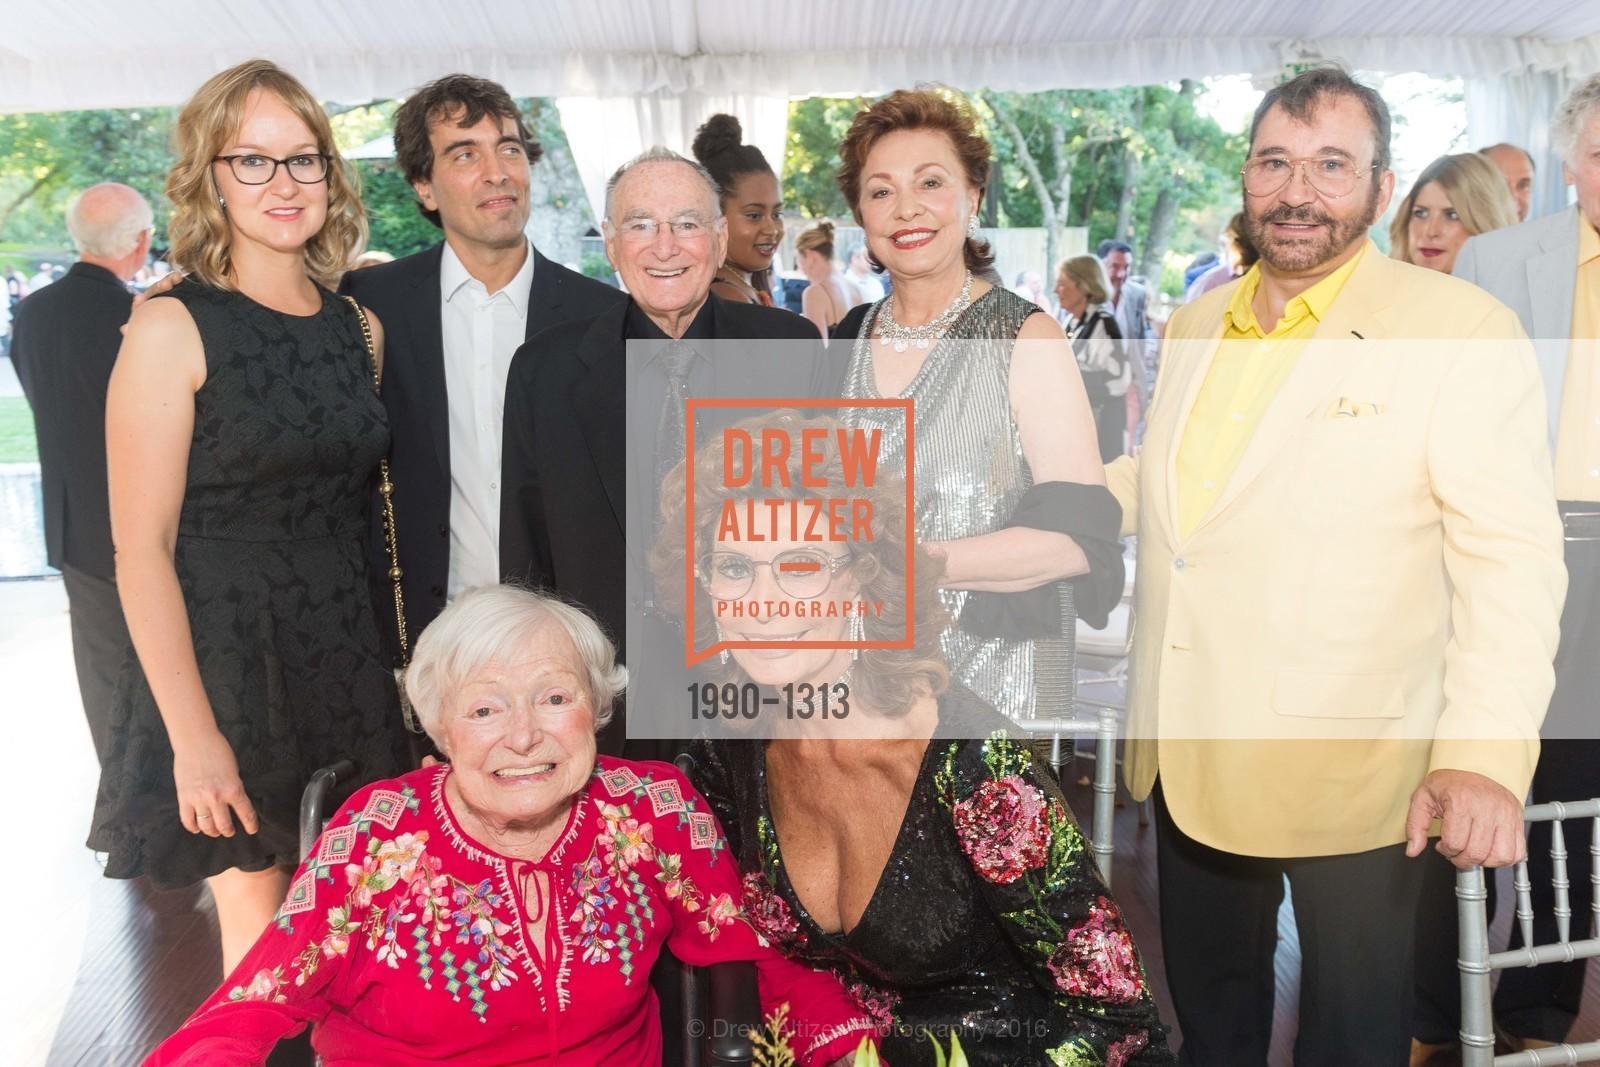 Andrea Ponti, Carlo Ponti, Jan Shrem, Margrit Mondavi, Maria Manetti Shrem, Sophia Loren, Jose Luis Nazar, Photo #1990-1313